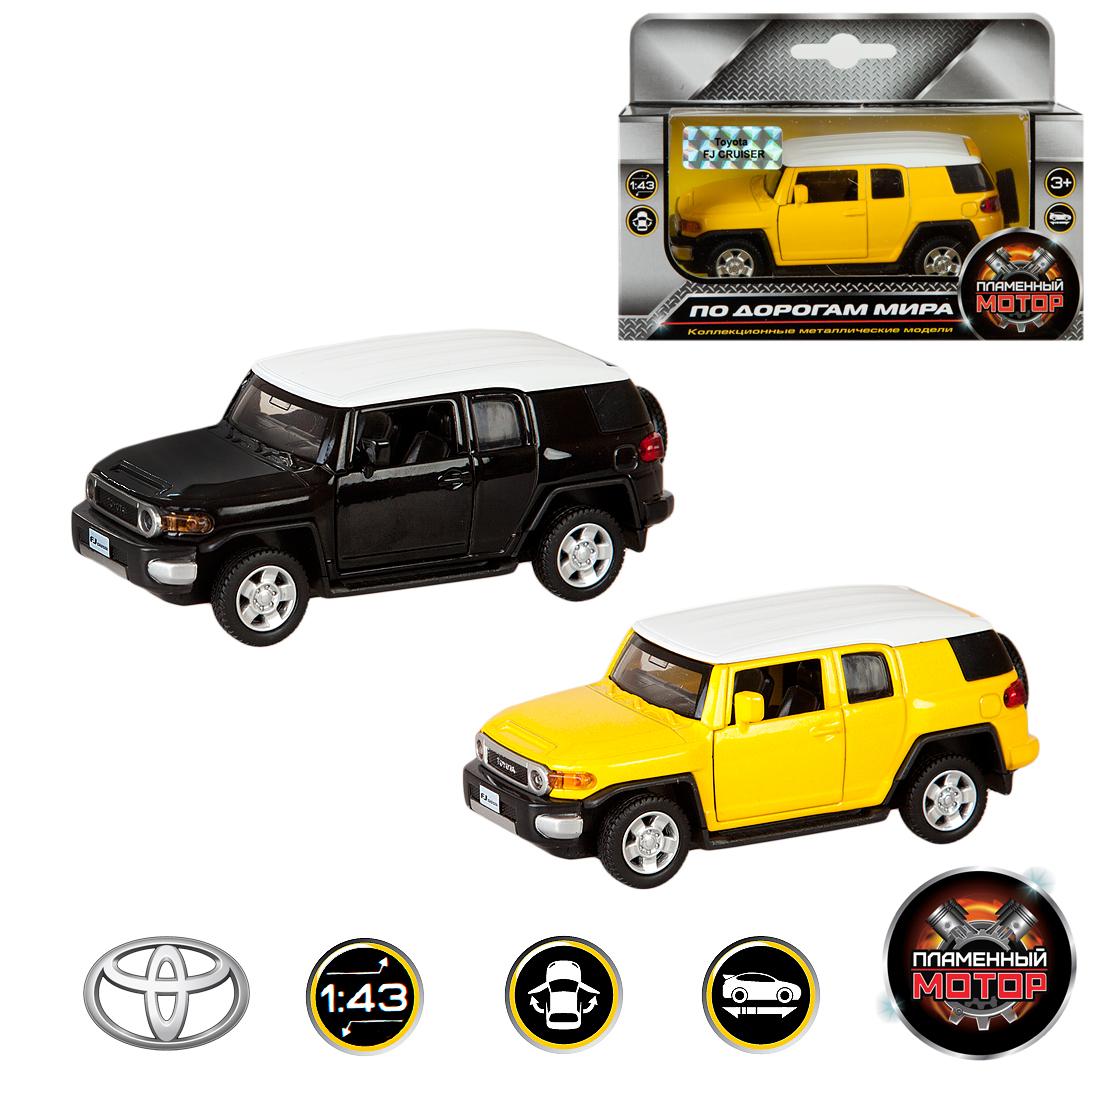 Игрушечные машинки и техника Наша игрушка Toyota FJ Cruiser (870130) 1:43 модель машины автопанорама 1 43 toyota fj cruiser желтый инерционная открываются двери